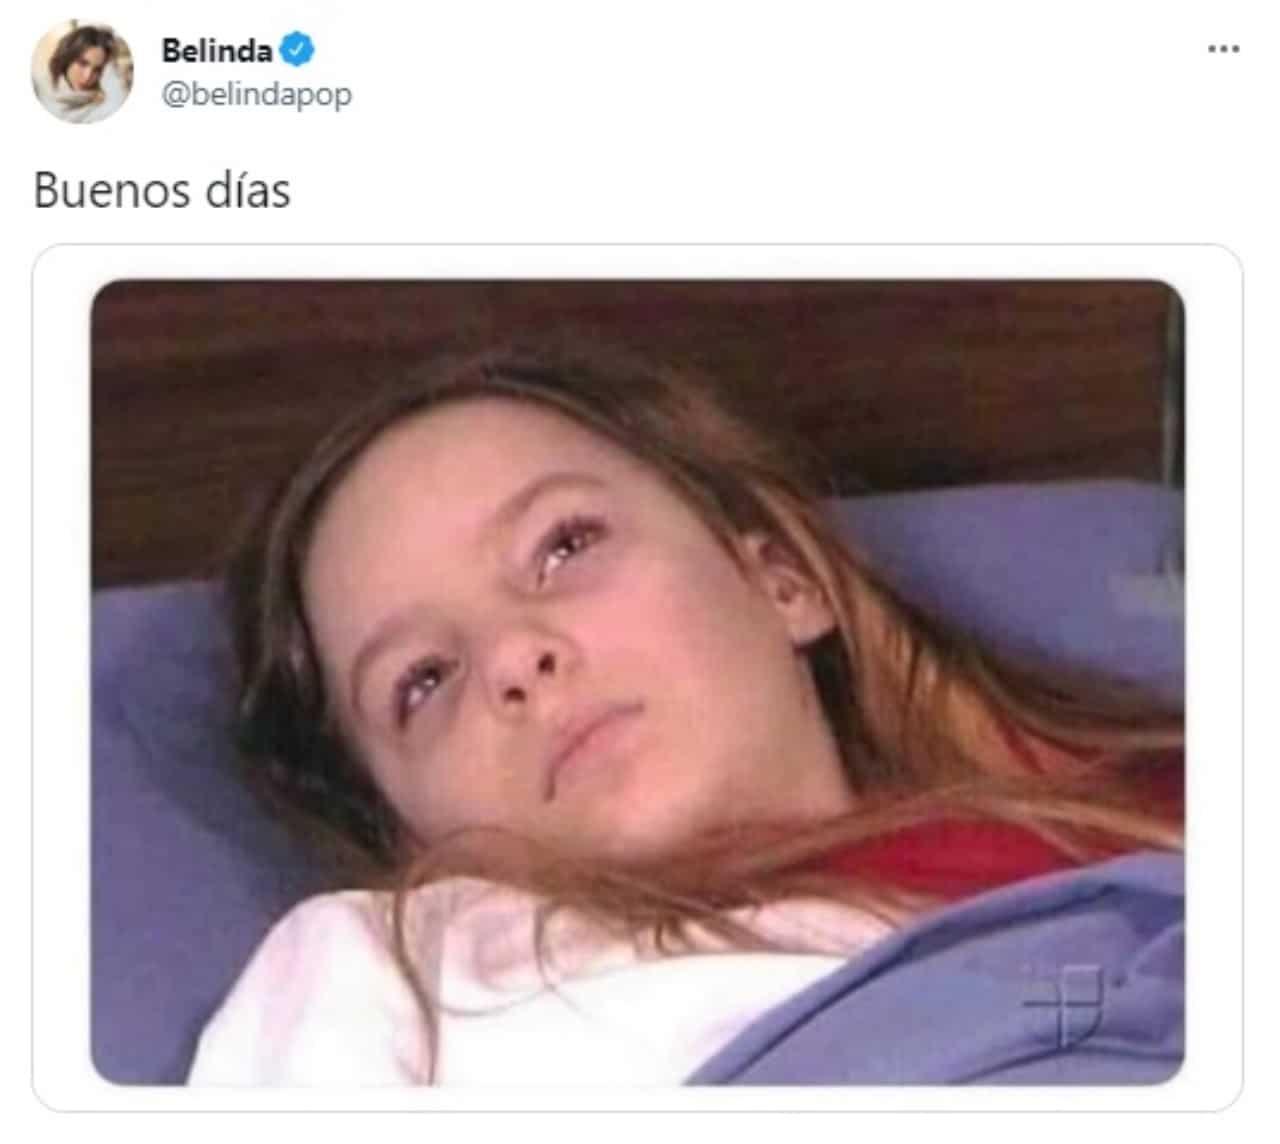 Meme Belinda acostada en cama enferma